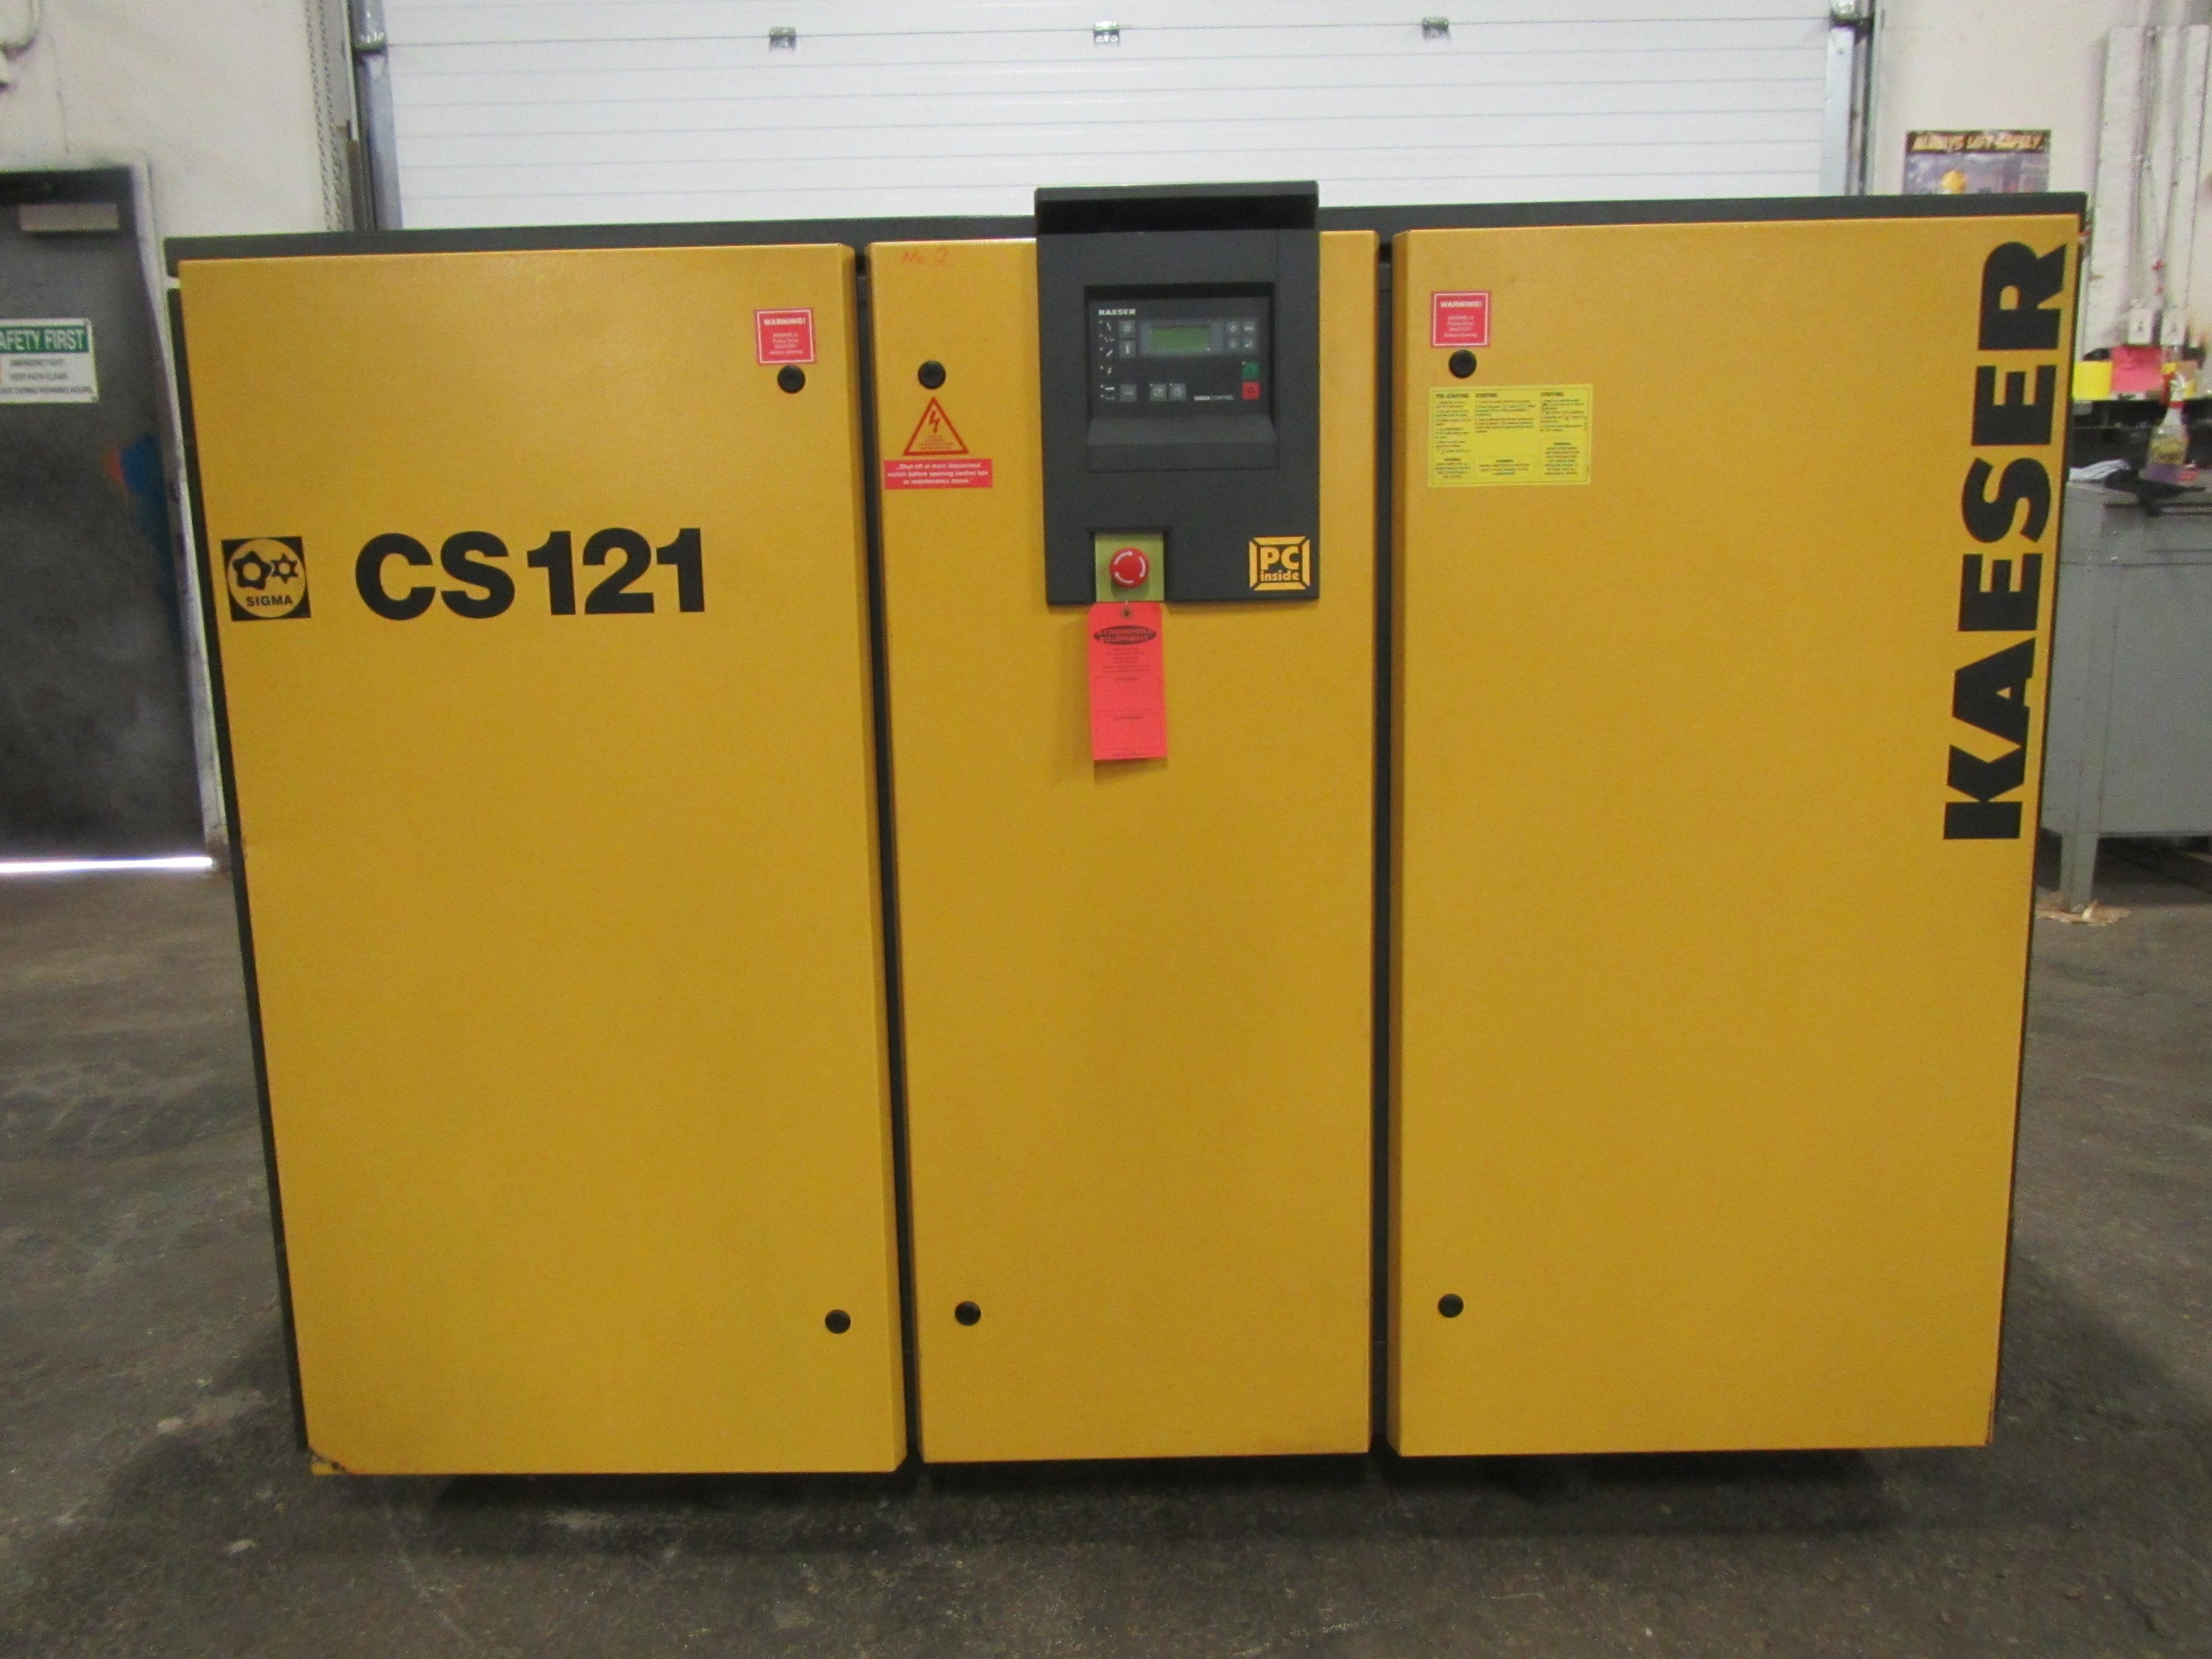 Lot 199 - Kaeser CS121 100HP Rotary Screw Air Compressor - 458 CFM